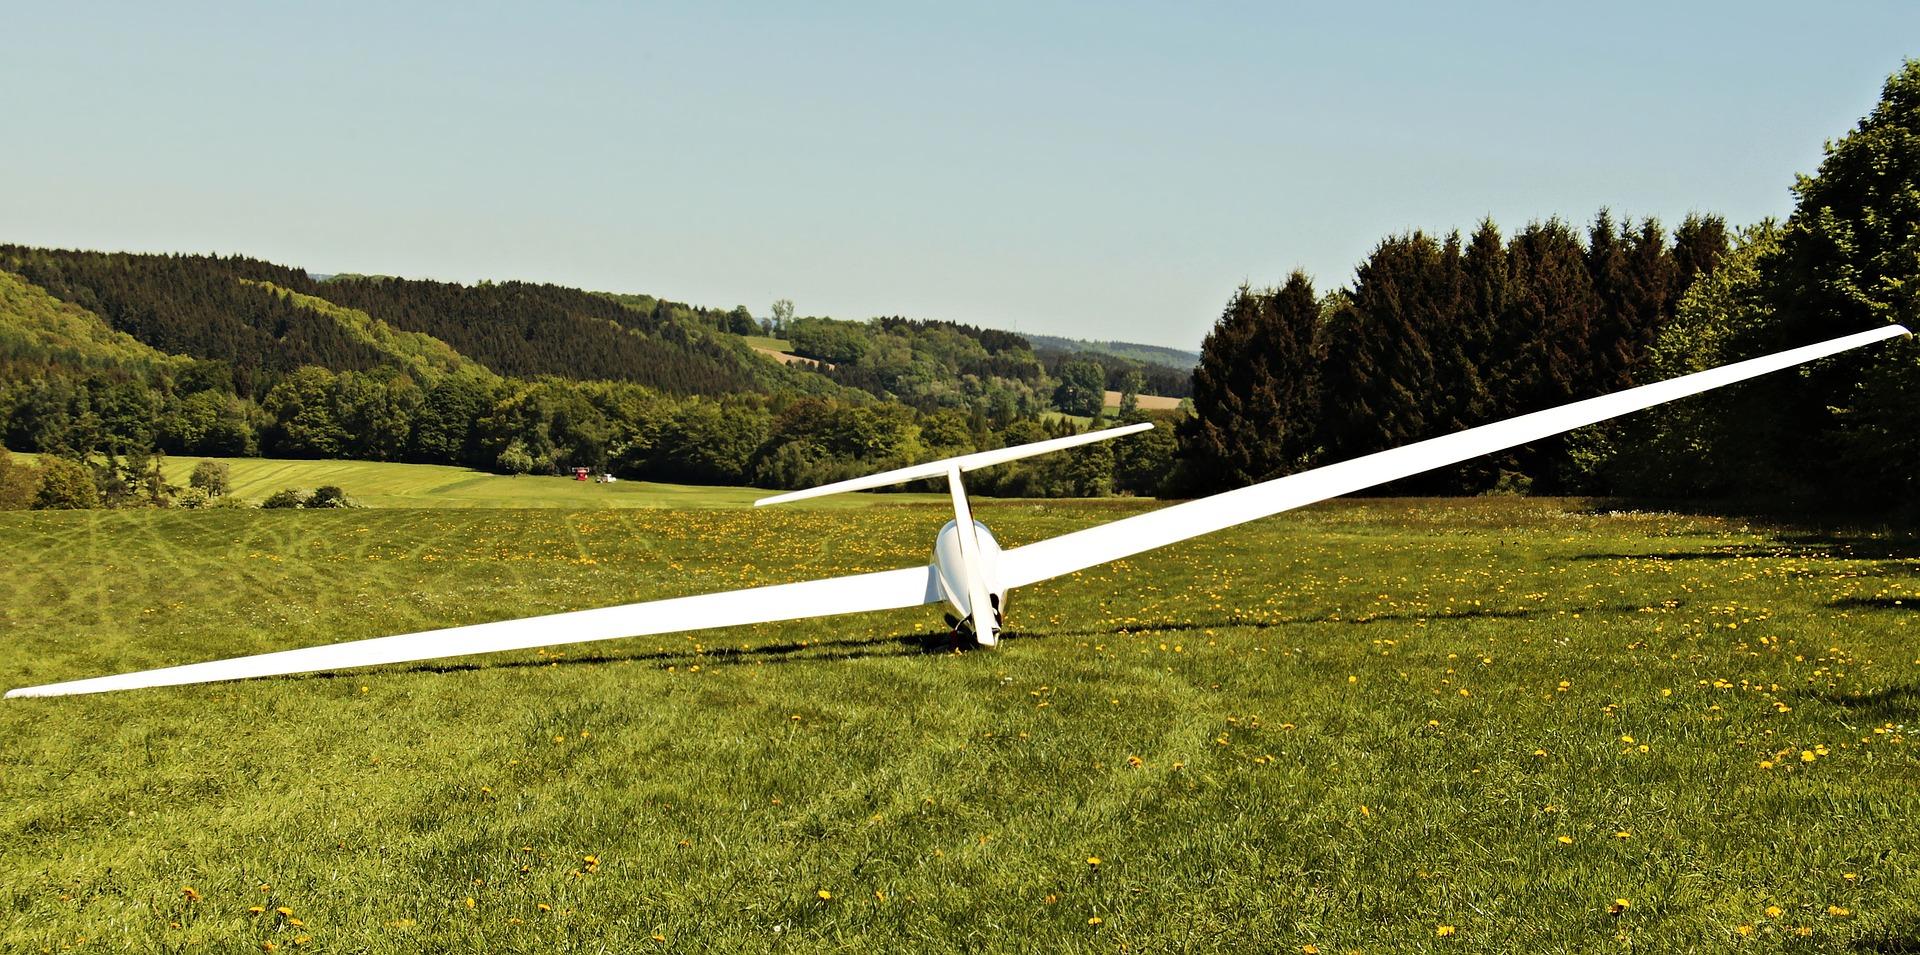 כלי טיס ללא נחיתה